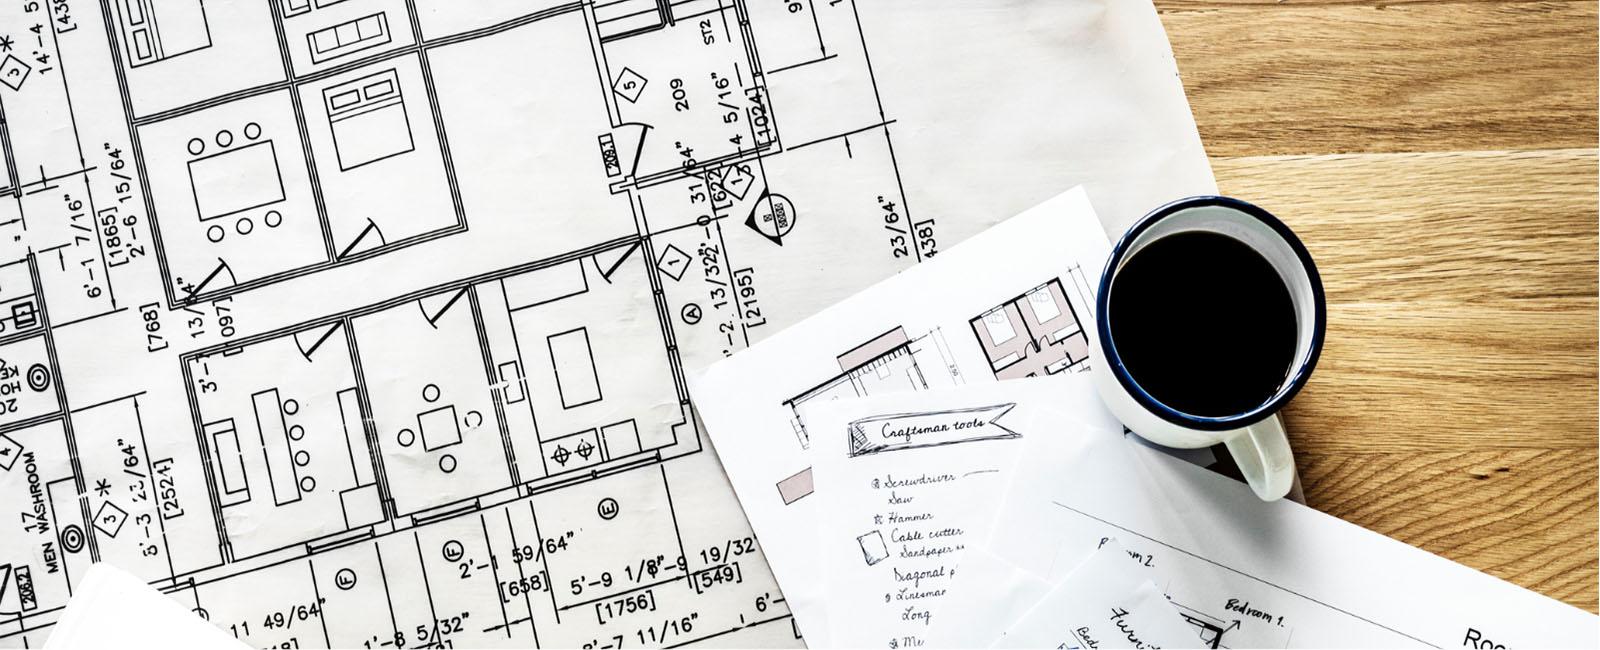 Interior draft plan image